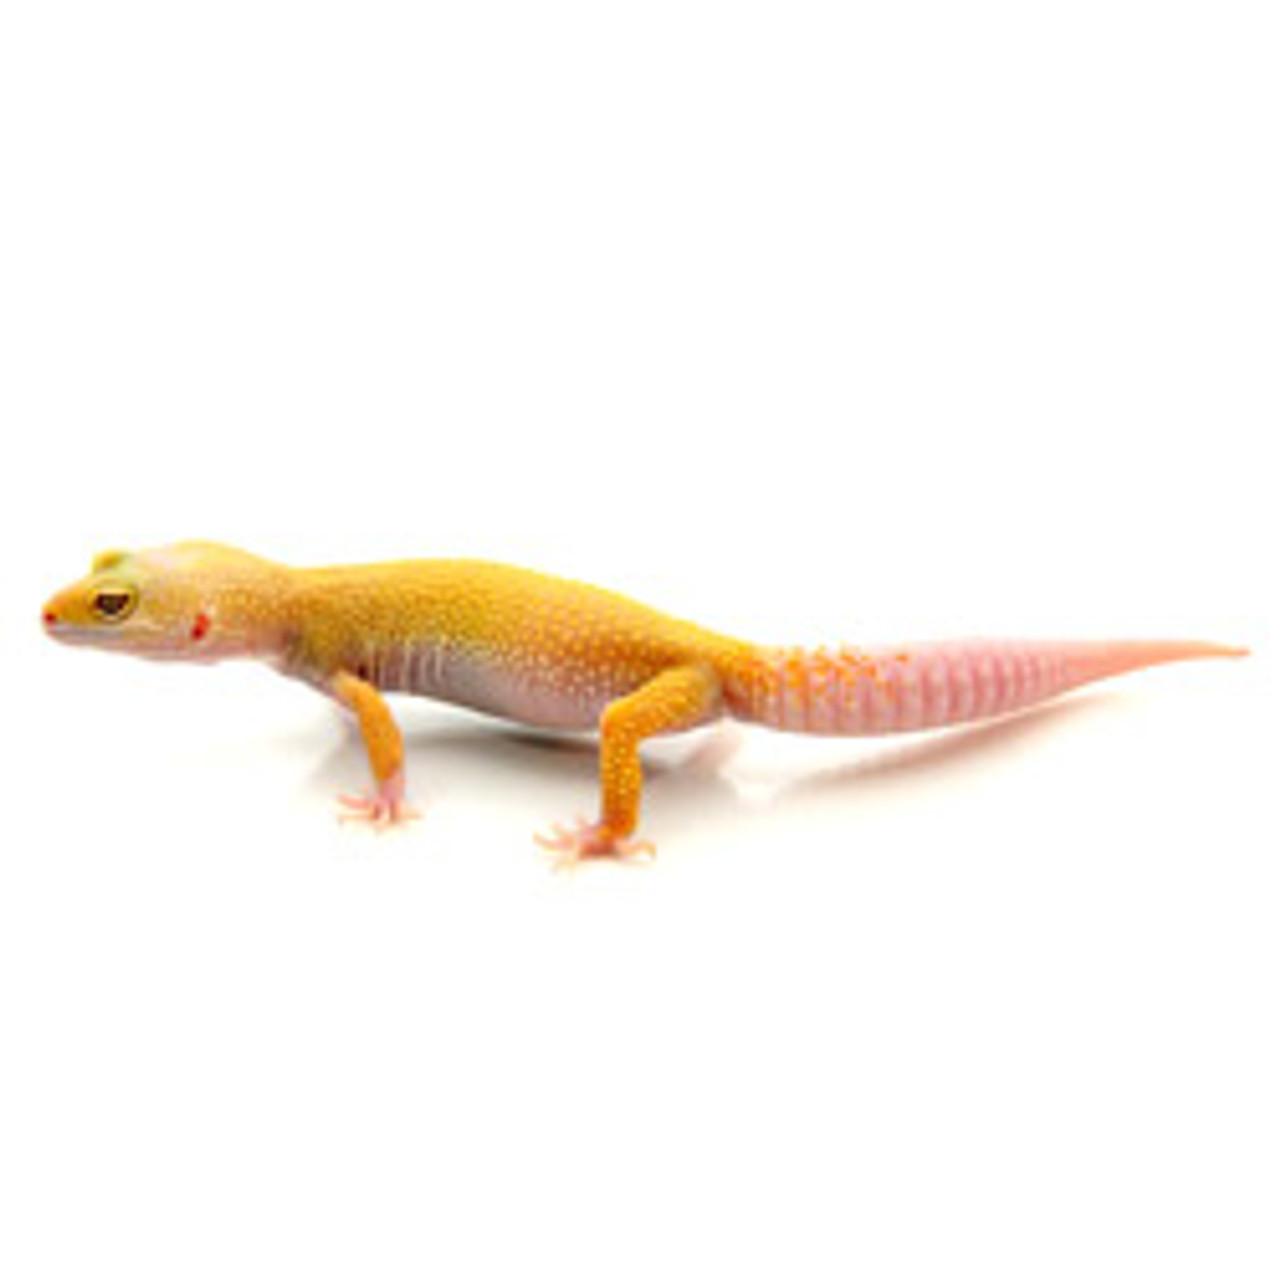 Albino Leucistic Leopard Gecko (Eublepharis macularius)